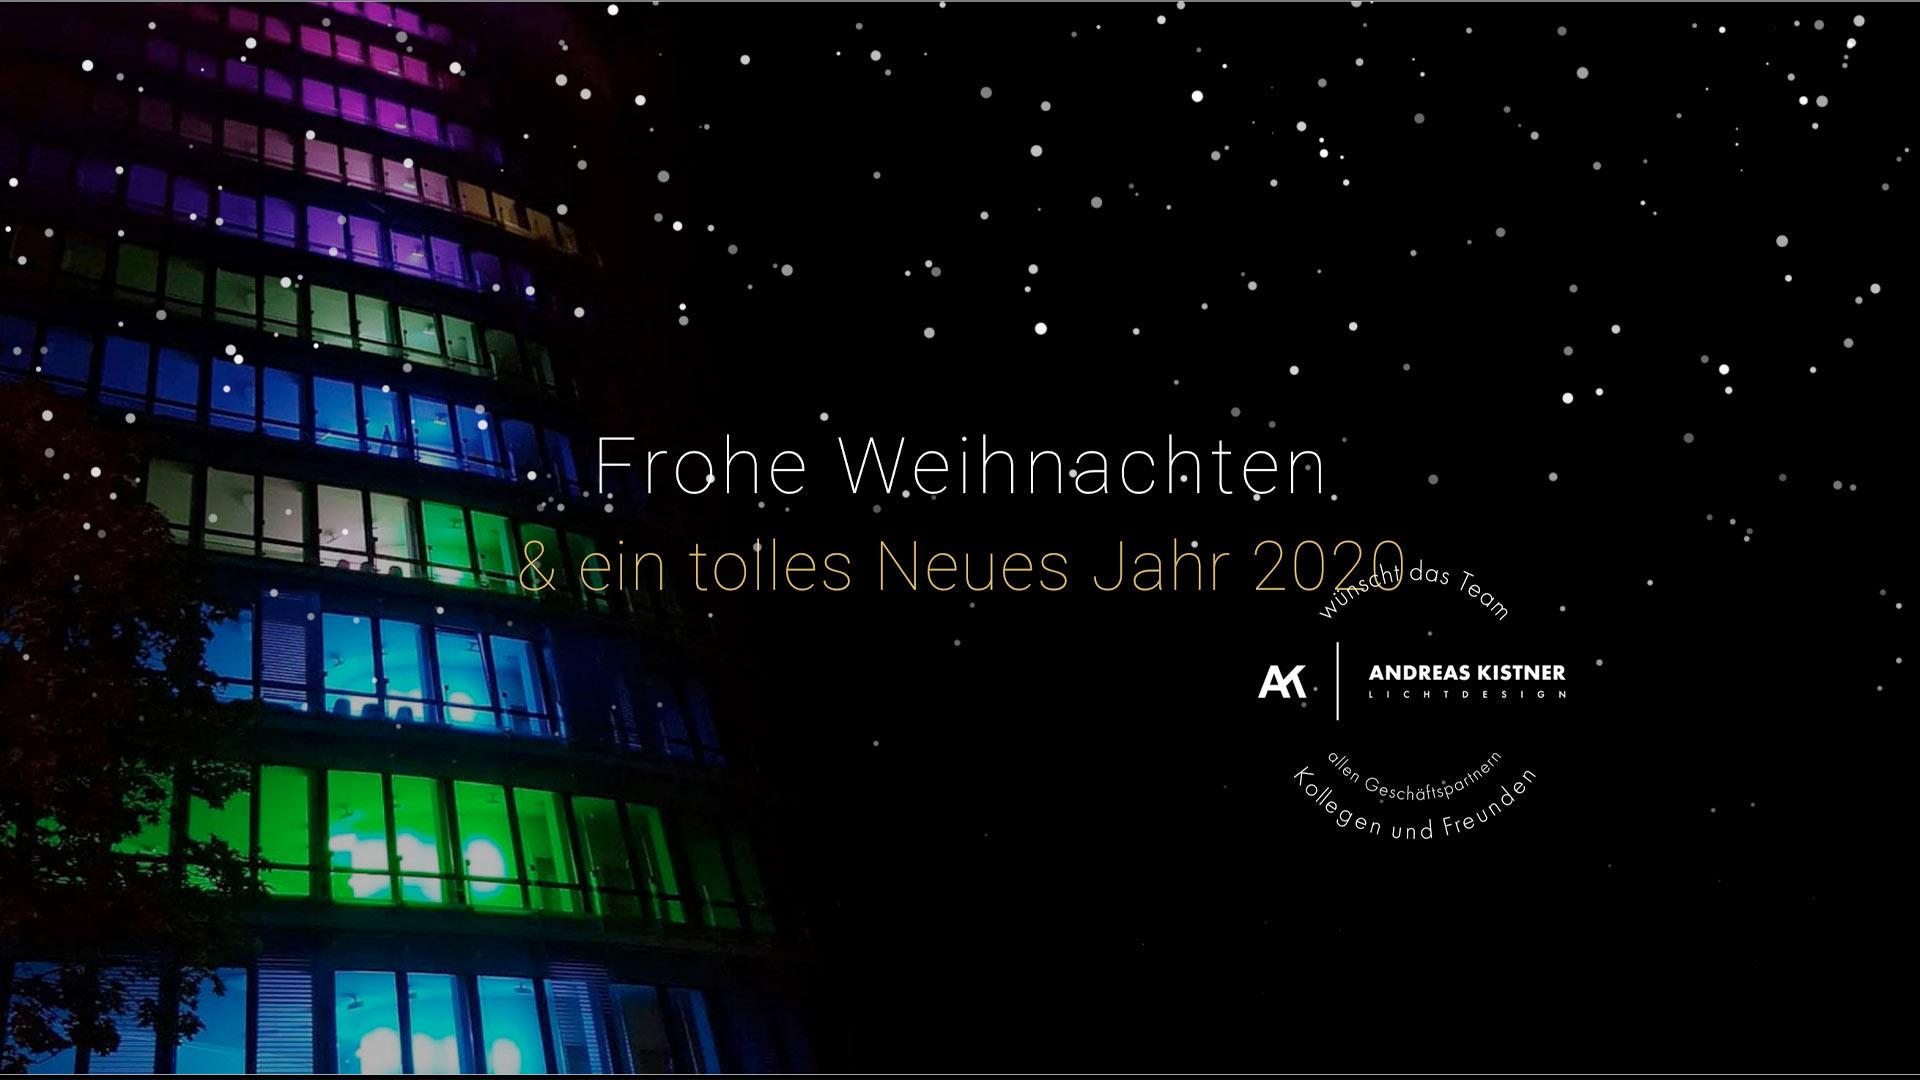 Weihnachten 2019 | AK Lichtdesign